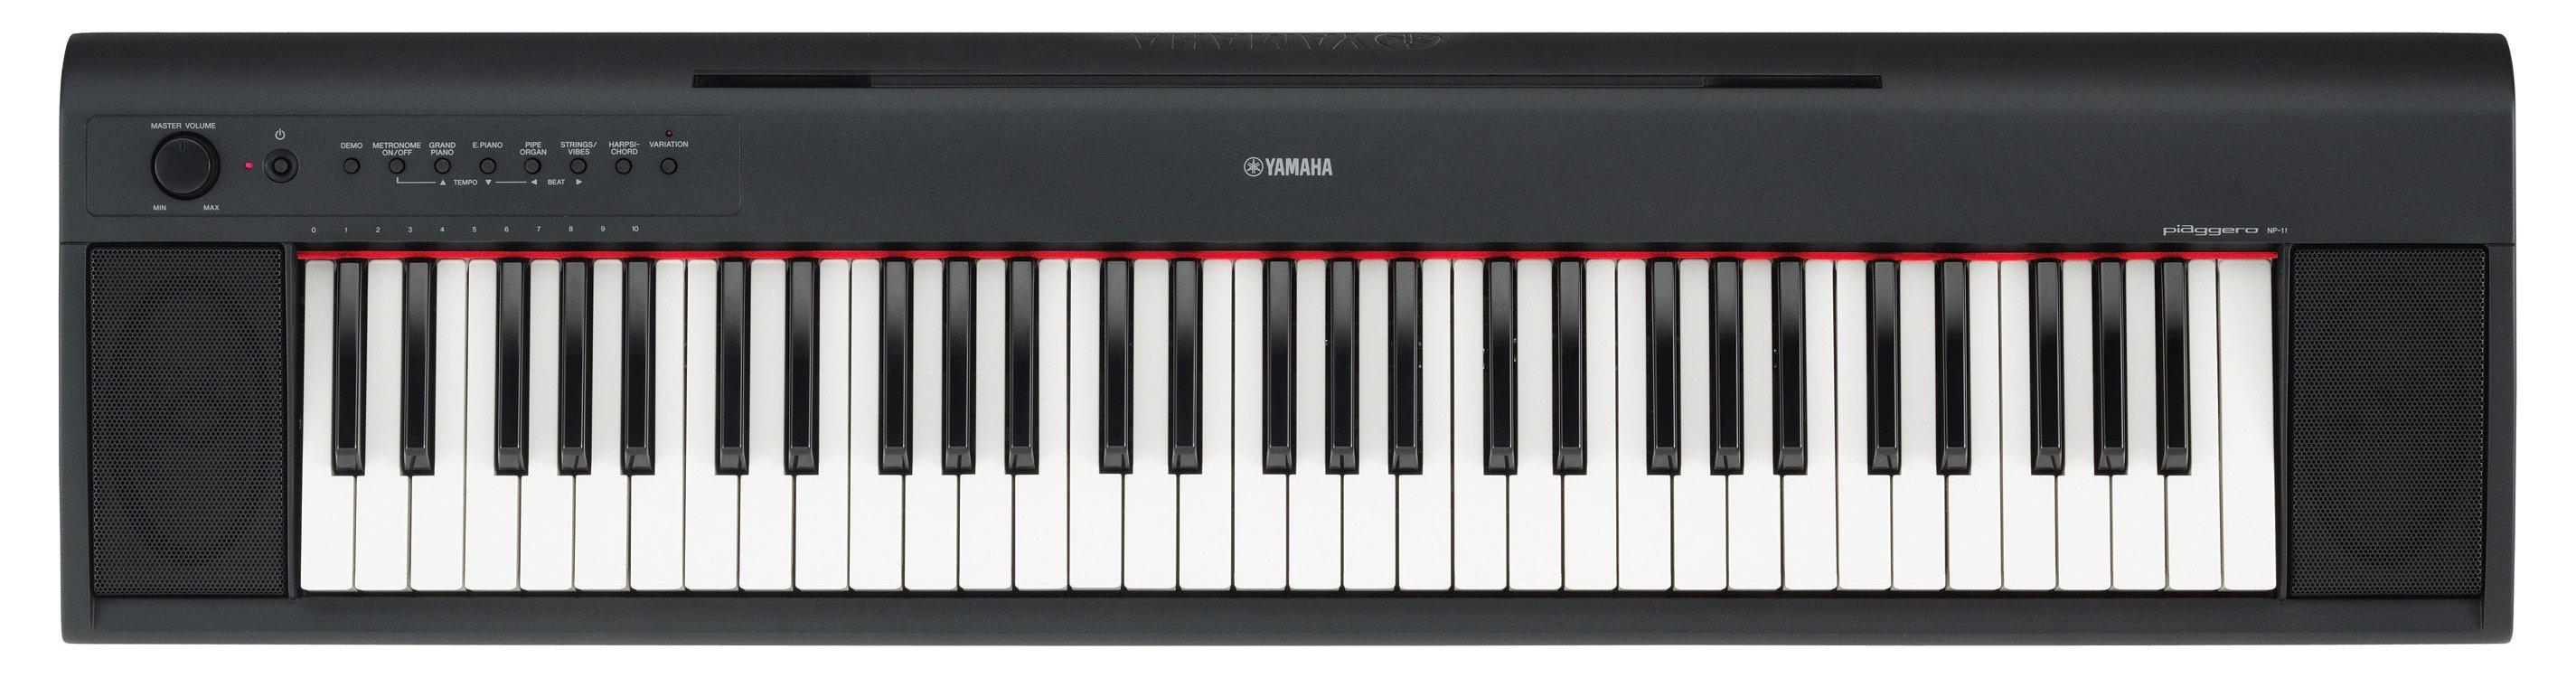 Yamaha instrumentos np11 djmania for Yamaha np11 piaggero